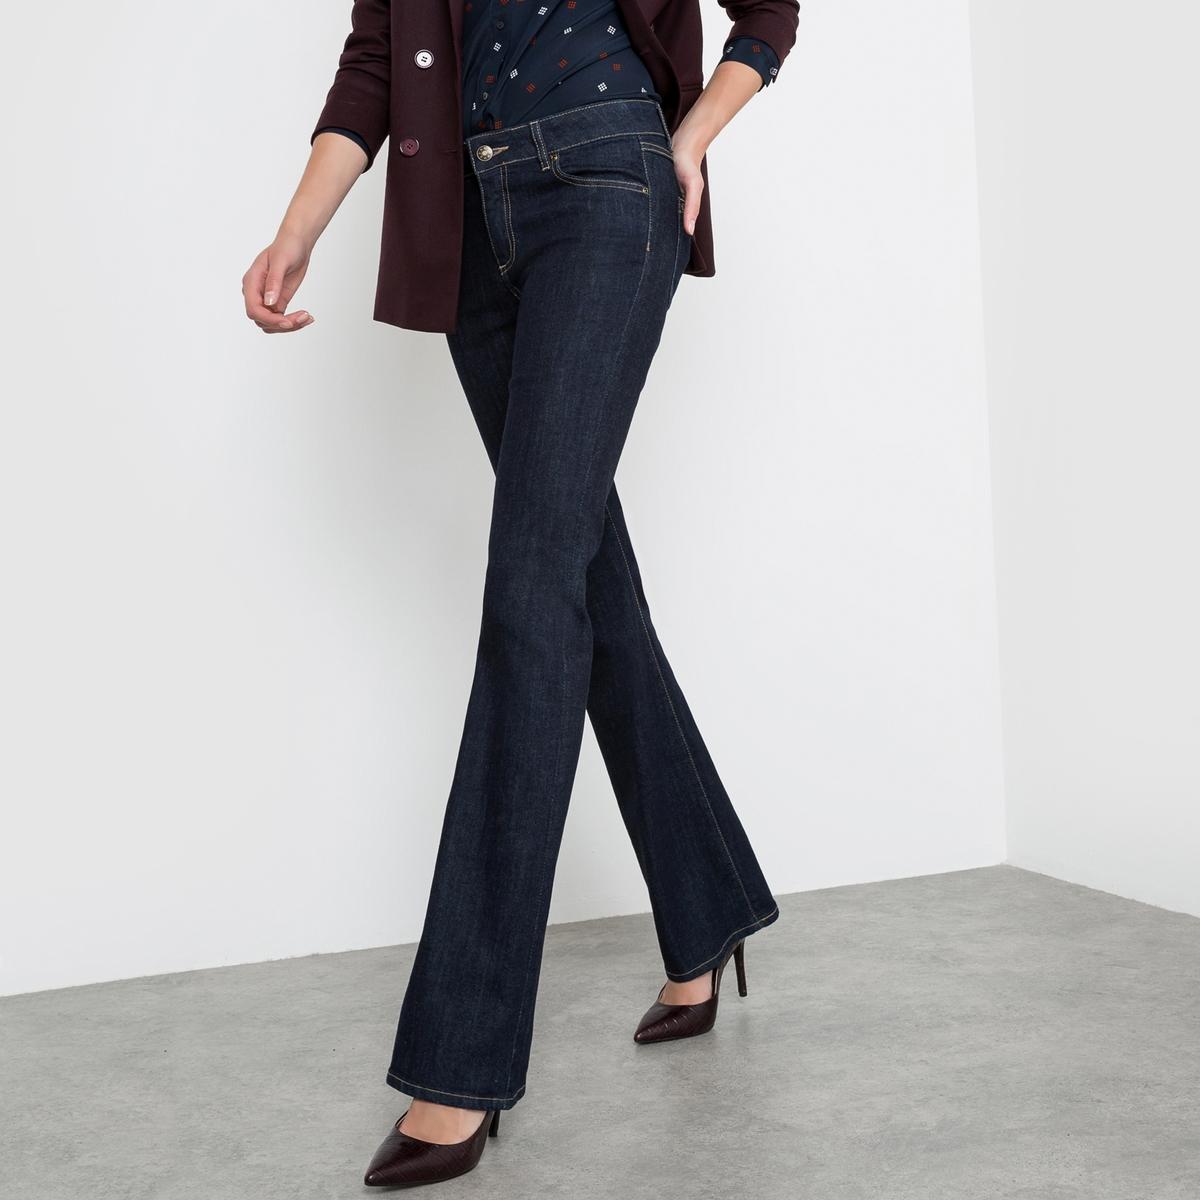 Джинсы-буткат, заниженный поясДжинсы покроя буткат (брюки прямые до колен и расклешенные к низу). Покрой 5 карманов. Планка застежки на молнию.Деним, 98% хлопка, 2% эластана. Длина по внутреннему шву 83 см, ширина по низу 23 см. Существует 3 варианта длины..<br><br>Цвет: темно-синий<br>Размер: 26 (US) - 42 (RUS)